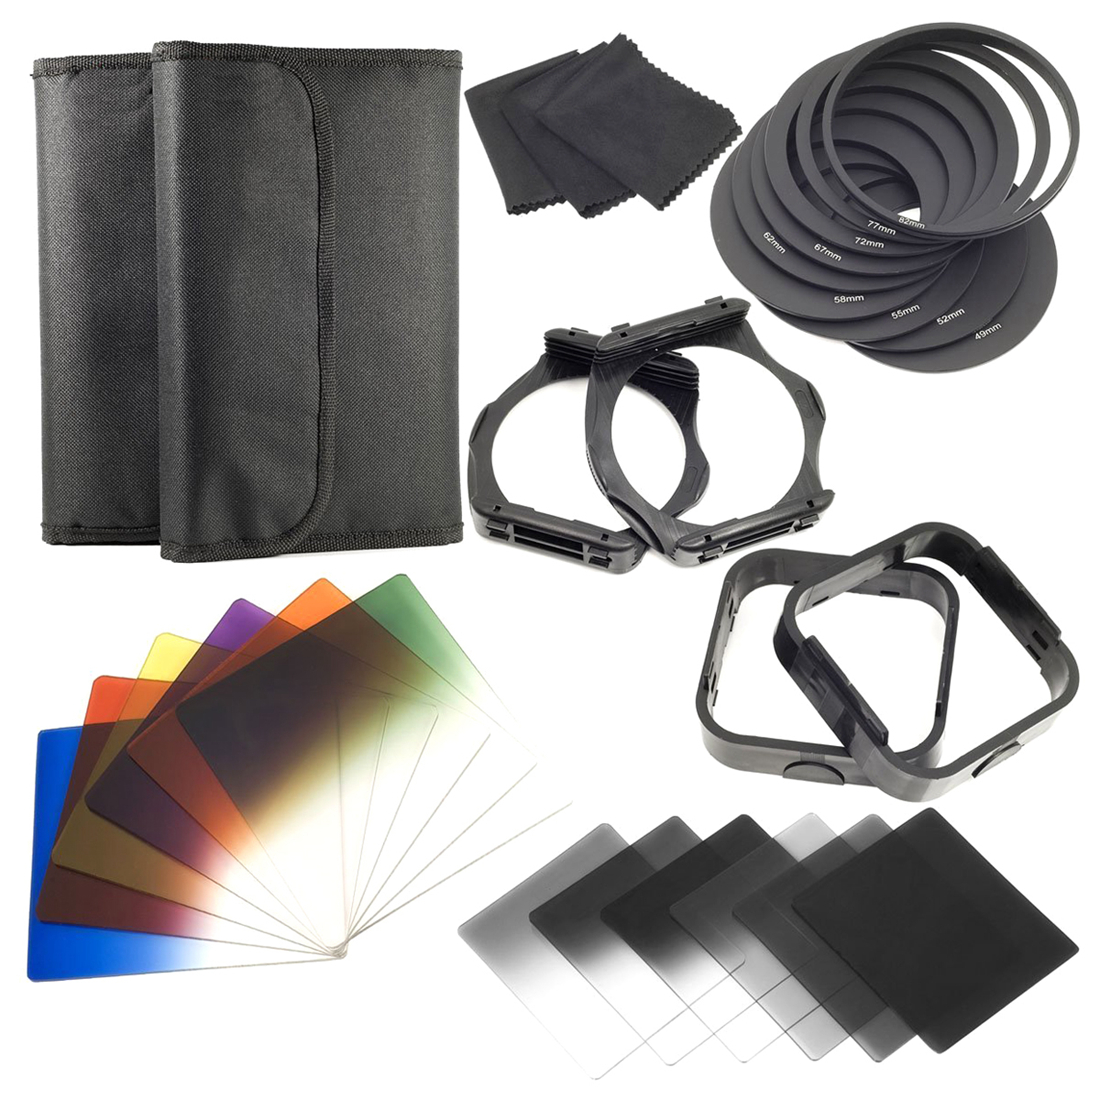 SCLS 1 set Filtres + Anneau Adaptateur POUR cokin série p LF142, 6 pcs ND Filtres + 6 pcs Couleur Progressive Filtre + 9 pcs Anneau Adapter